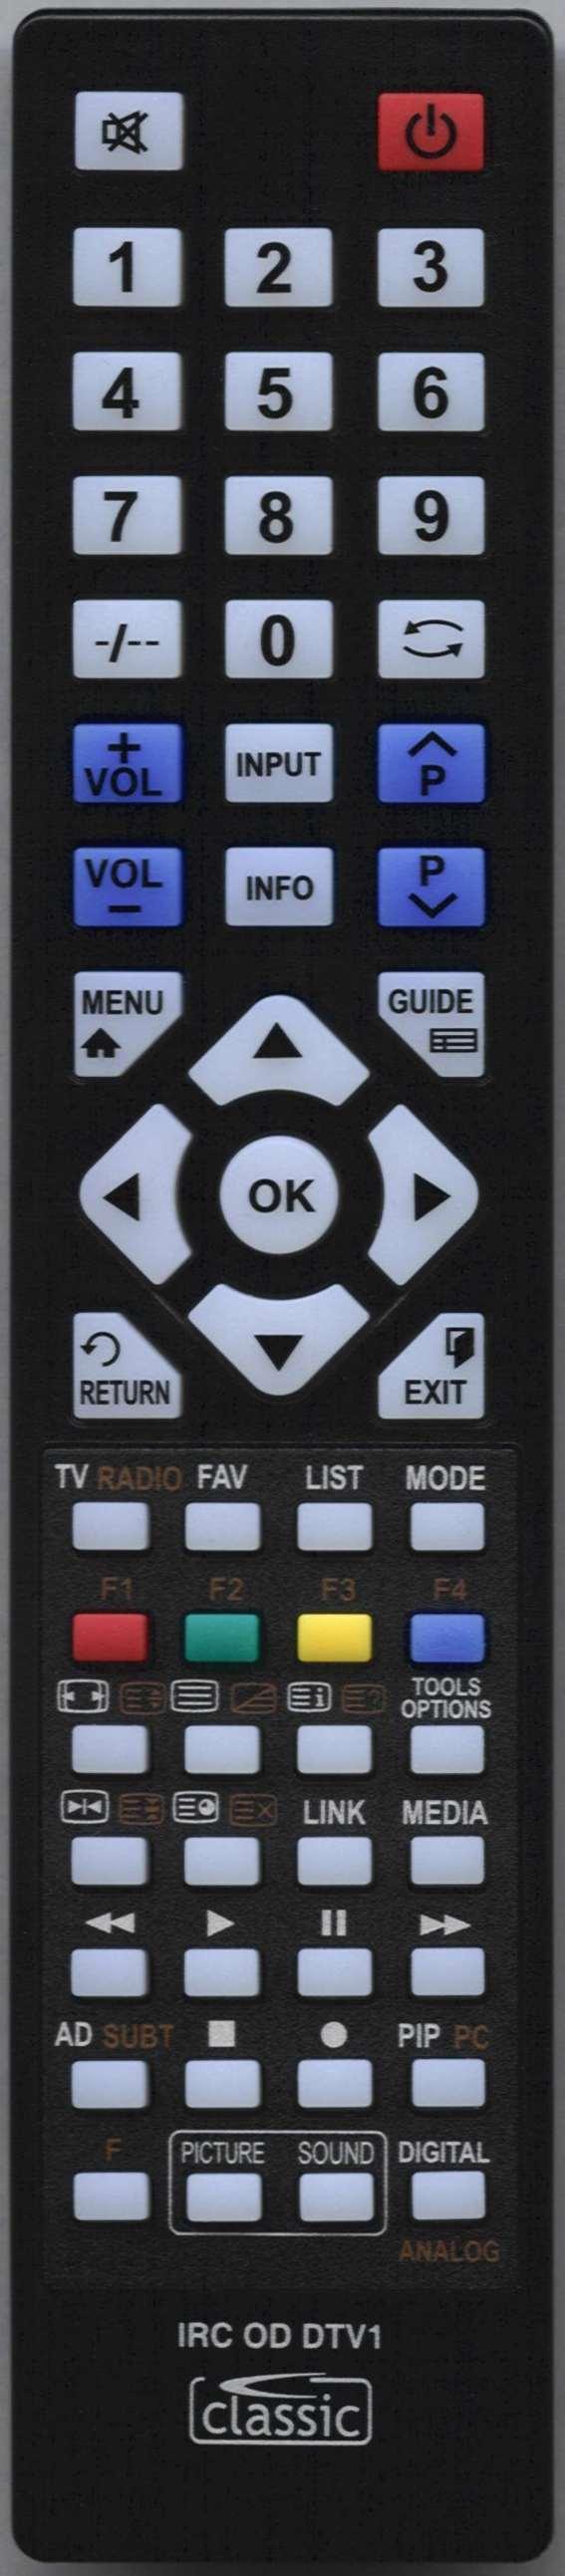 LUXOR LUX0149003/02 Remote Control Alternative